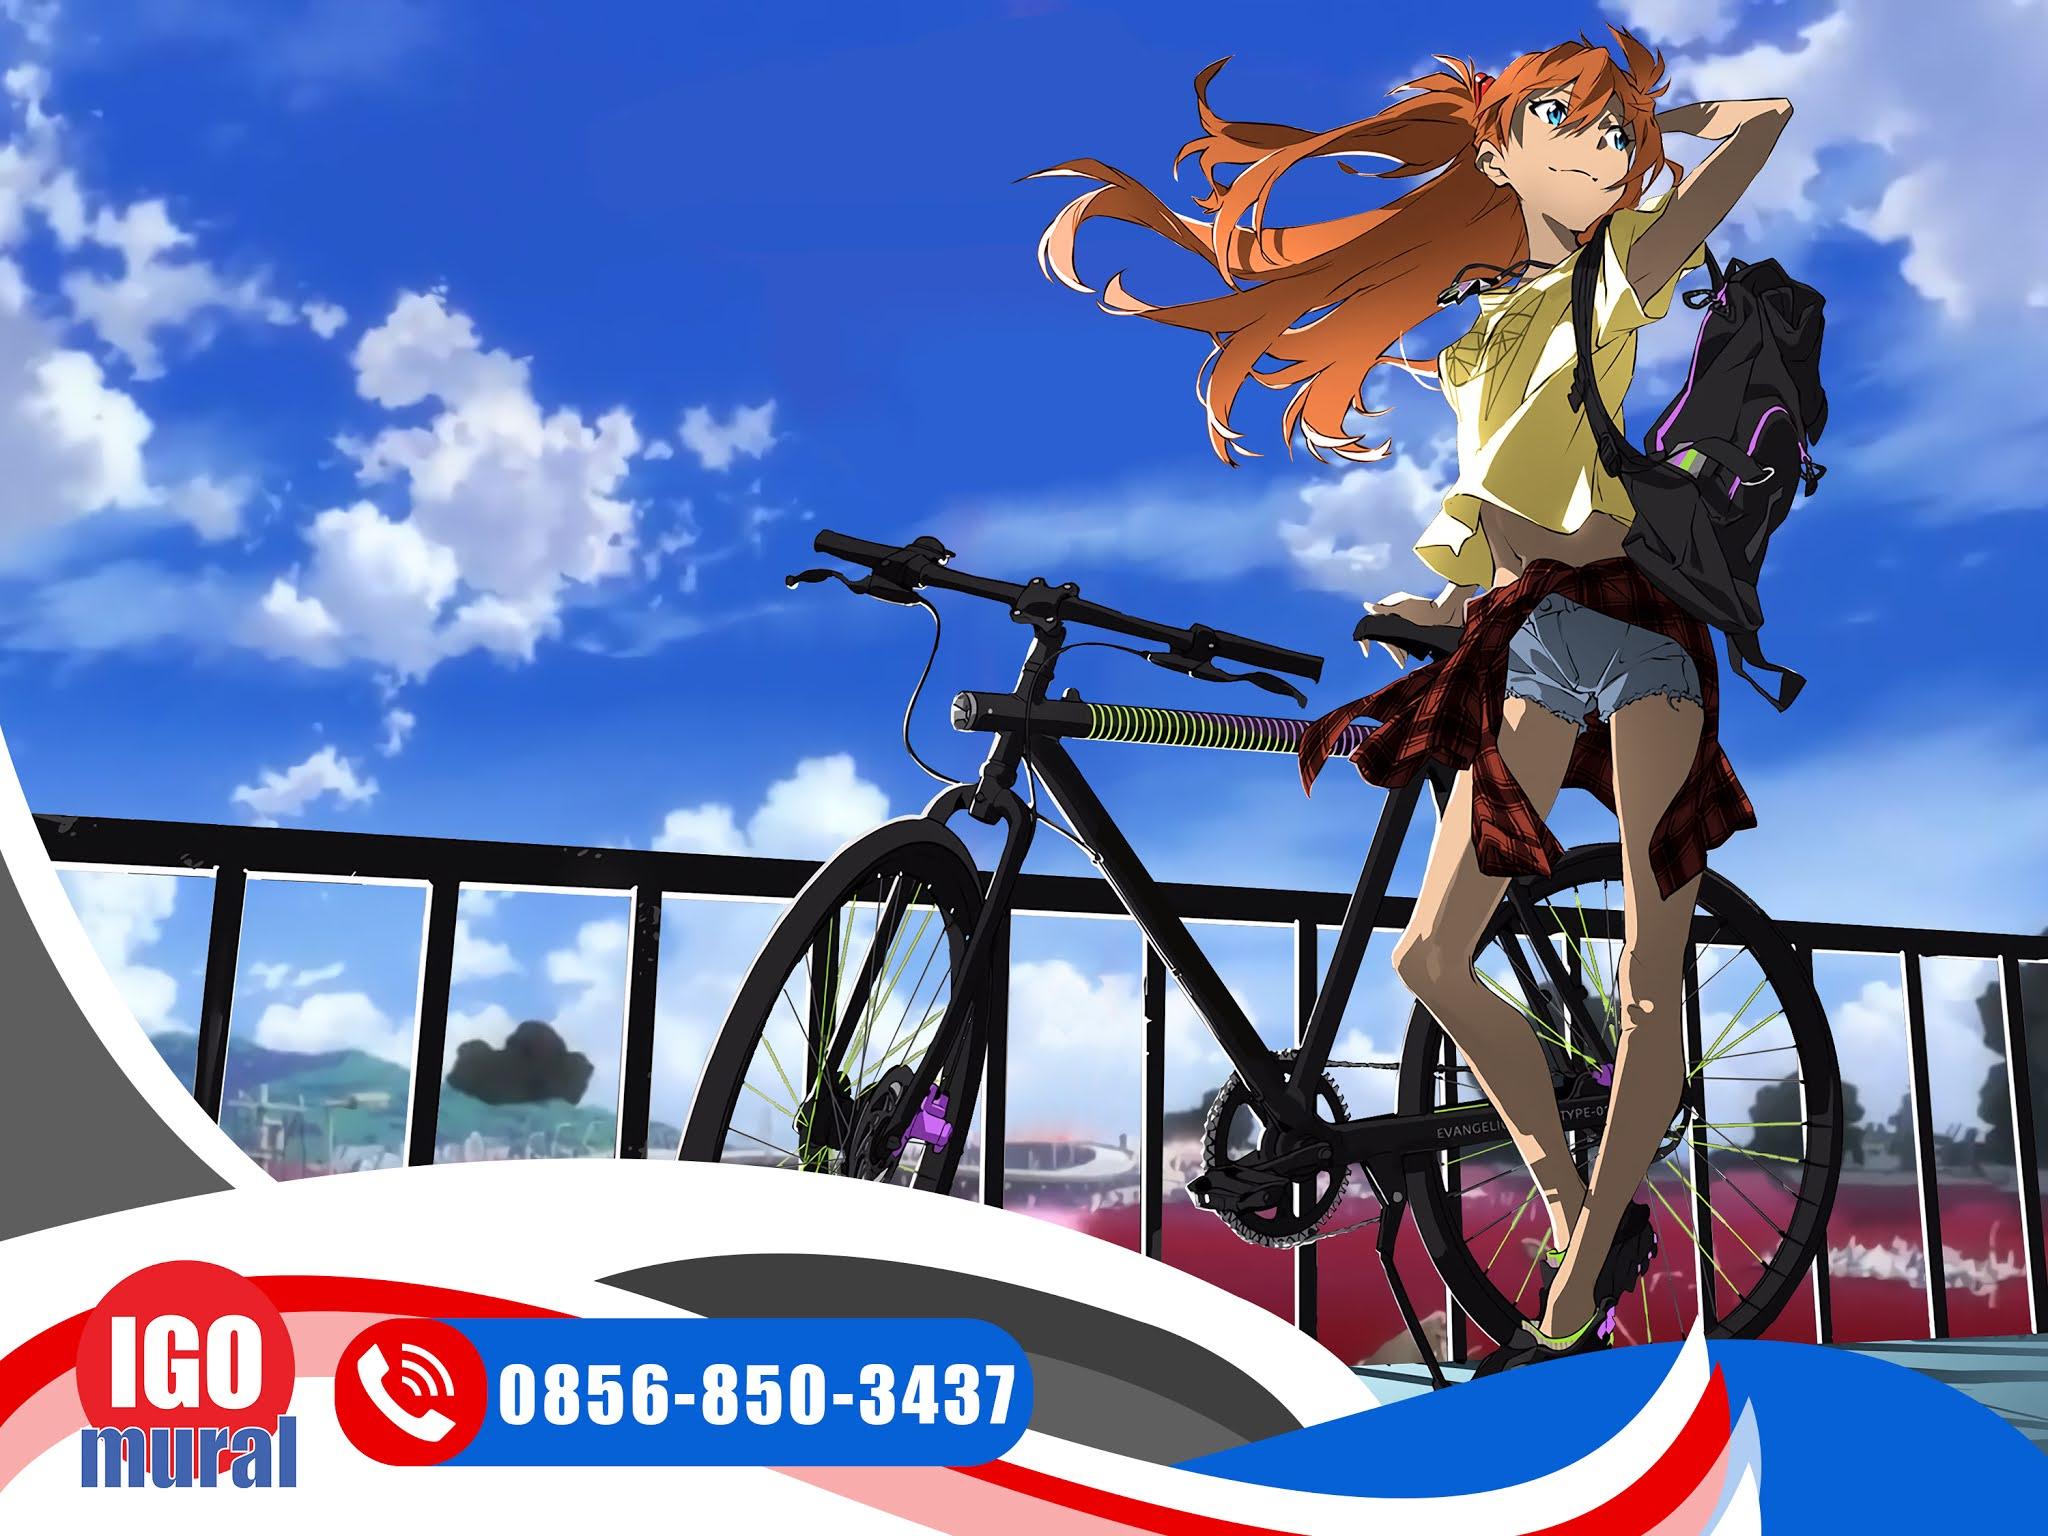 Wallpaper Custom Terbaik sepeda